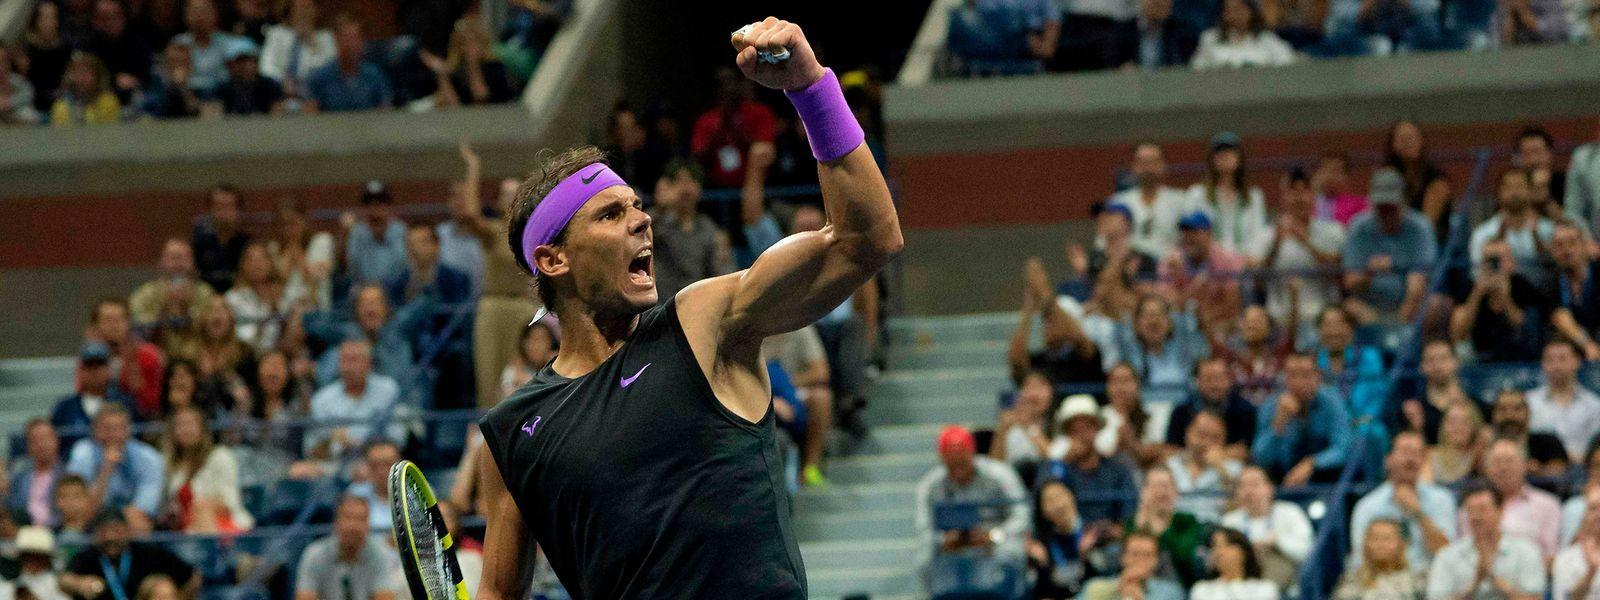 Der Spanier Rafael Nadal triumphiert zum vierten Mal in New York.